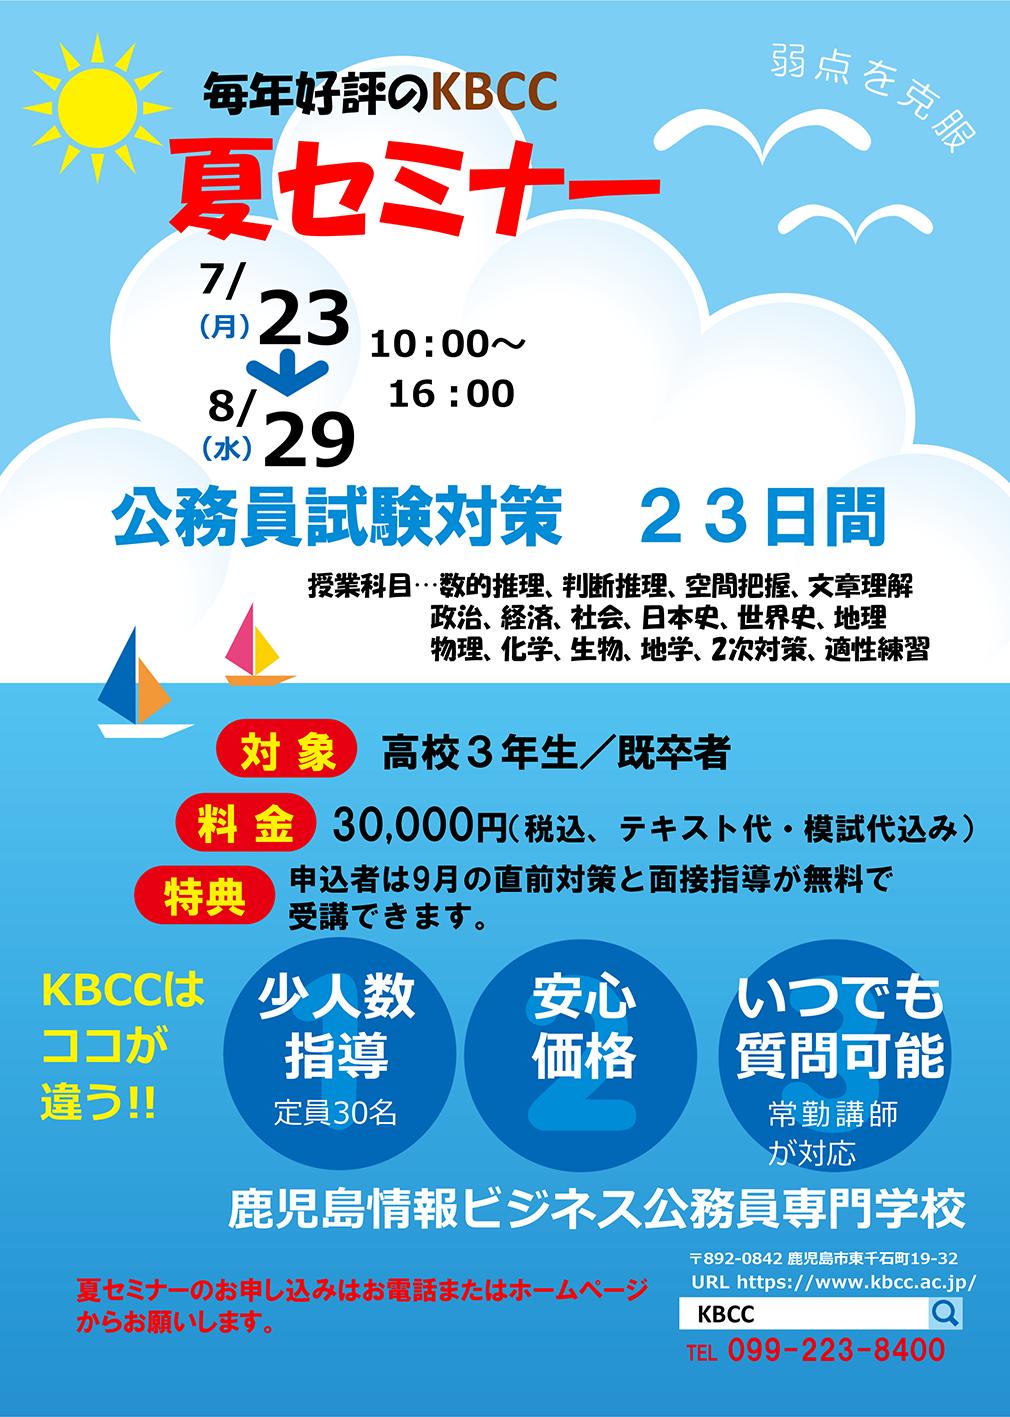 毎年好評のKBCC夏セミナー